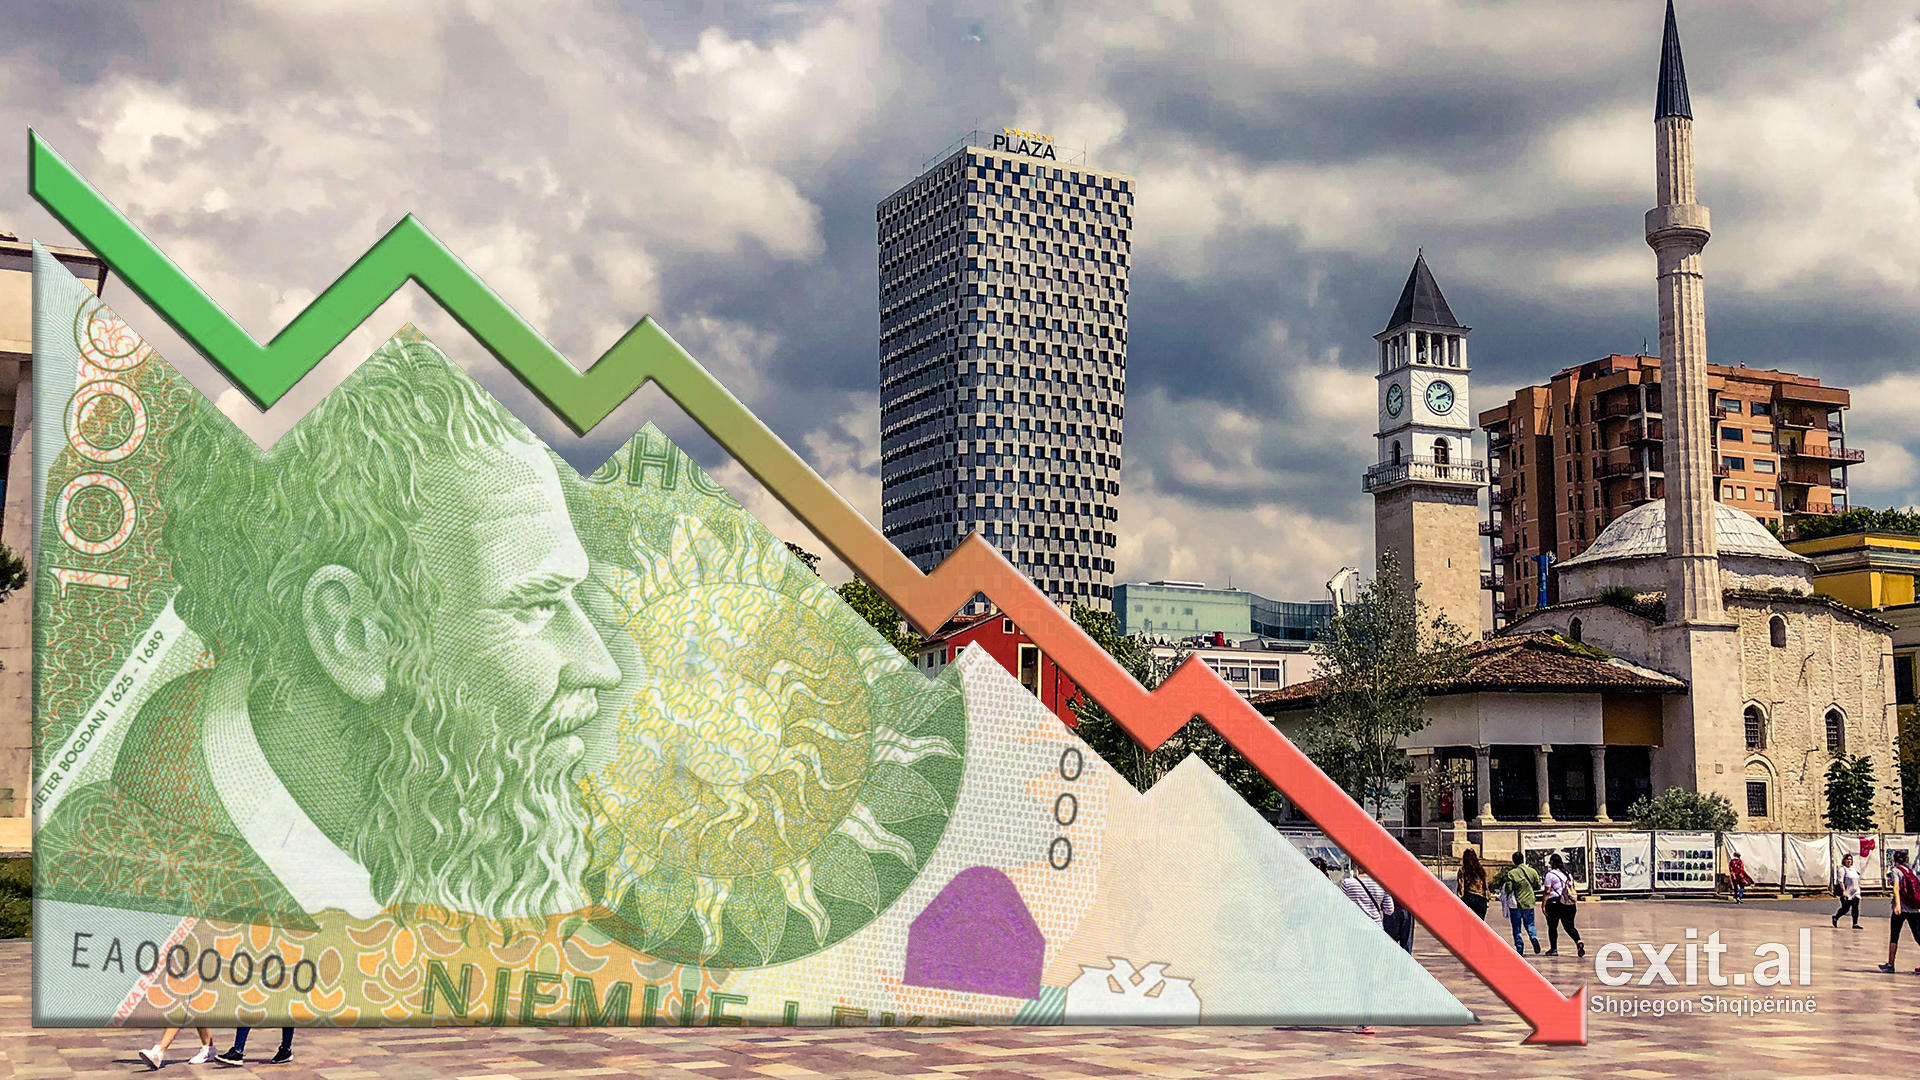 Më shumë shqiptarë humbasin besimin tek qeveria dhe përmirësimi i ekonomisë